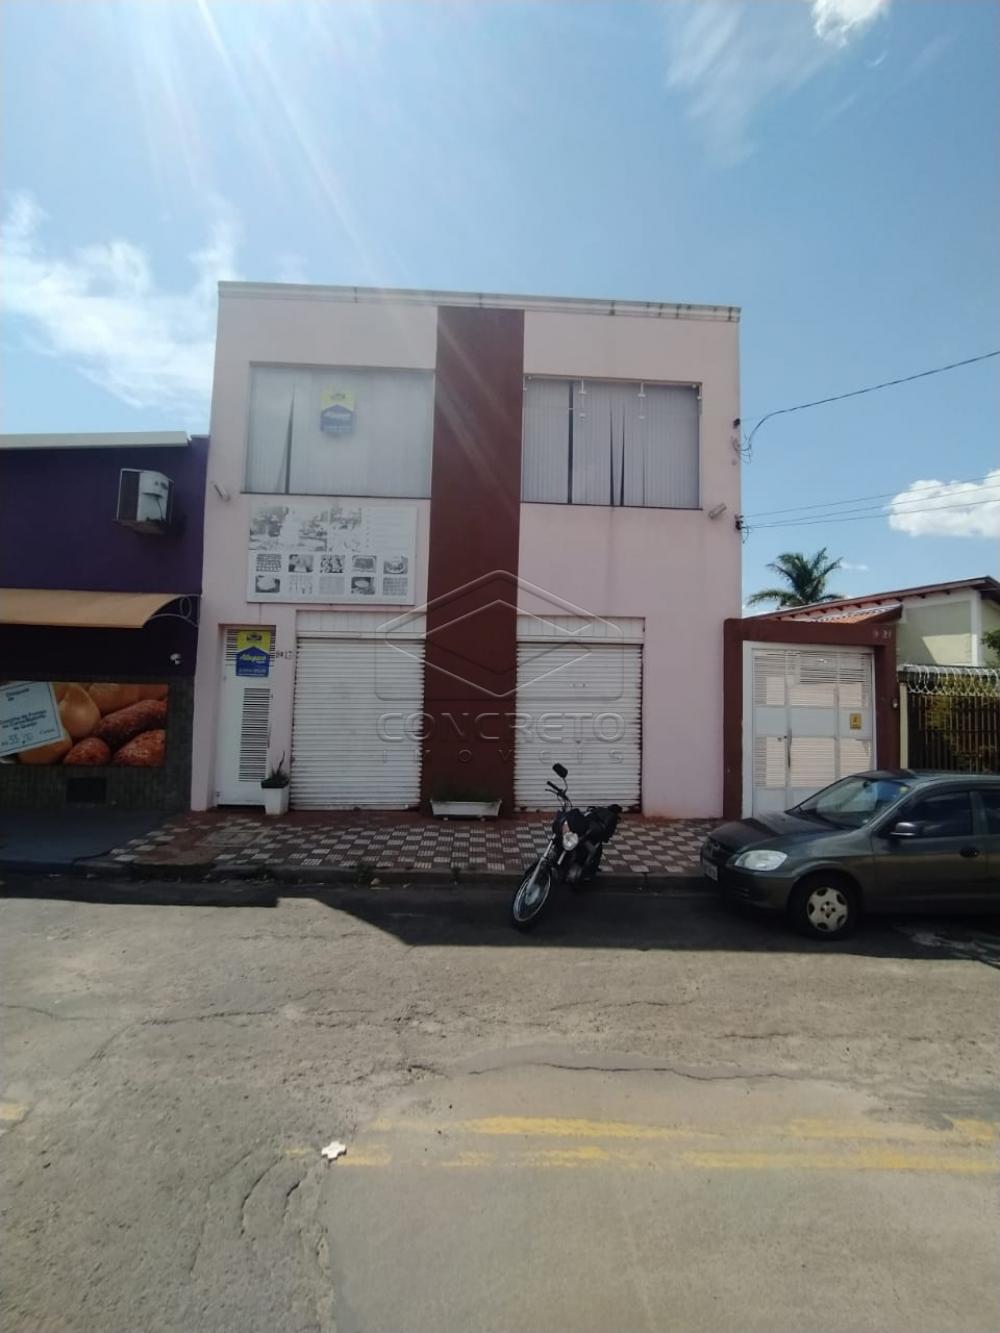 Alugar Comercial / Salão em Bauru R$ 650,00 - Foto 3